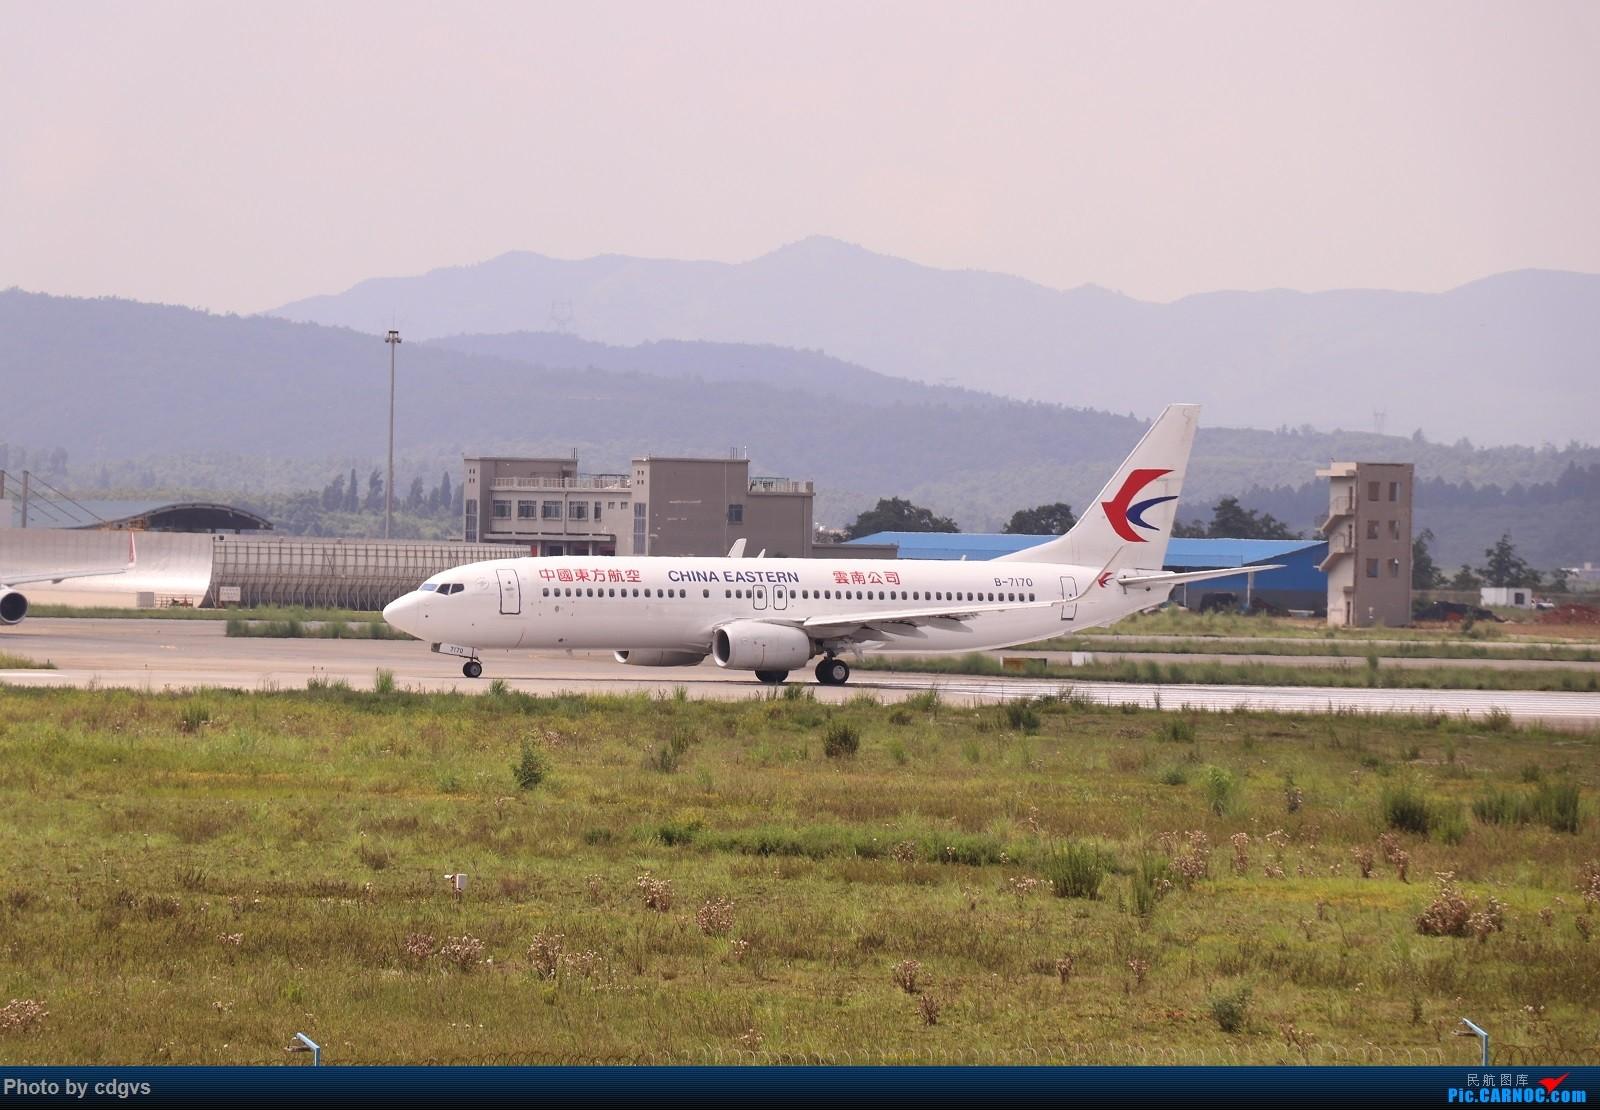 Re:[原创]【KMG】昆明的一天 1600大图 一次看个爽 BOEING 737-800 B-7170 中国昆明长水国际机场